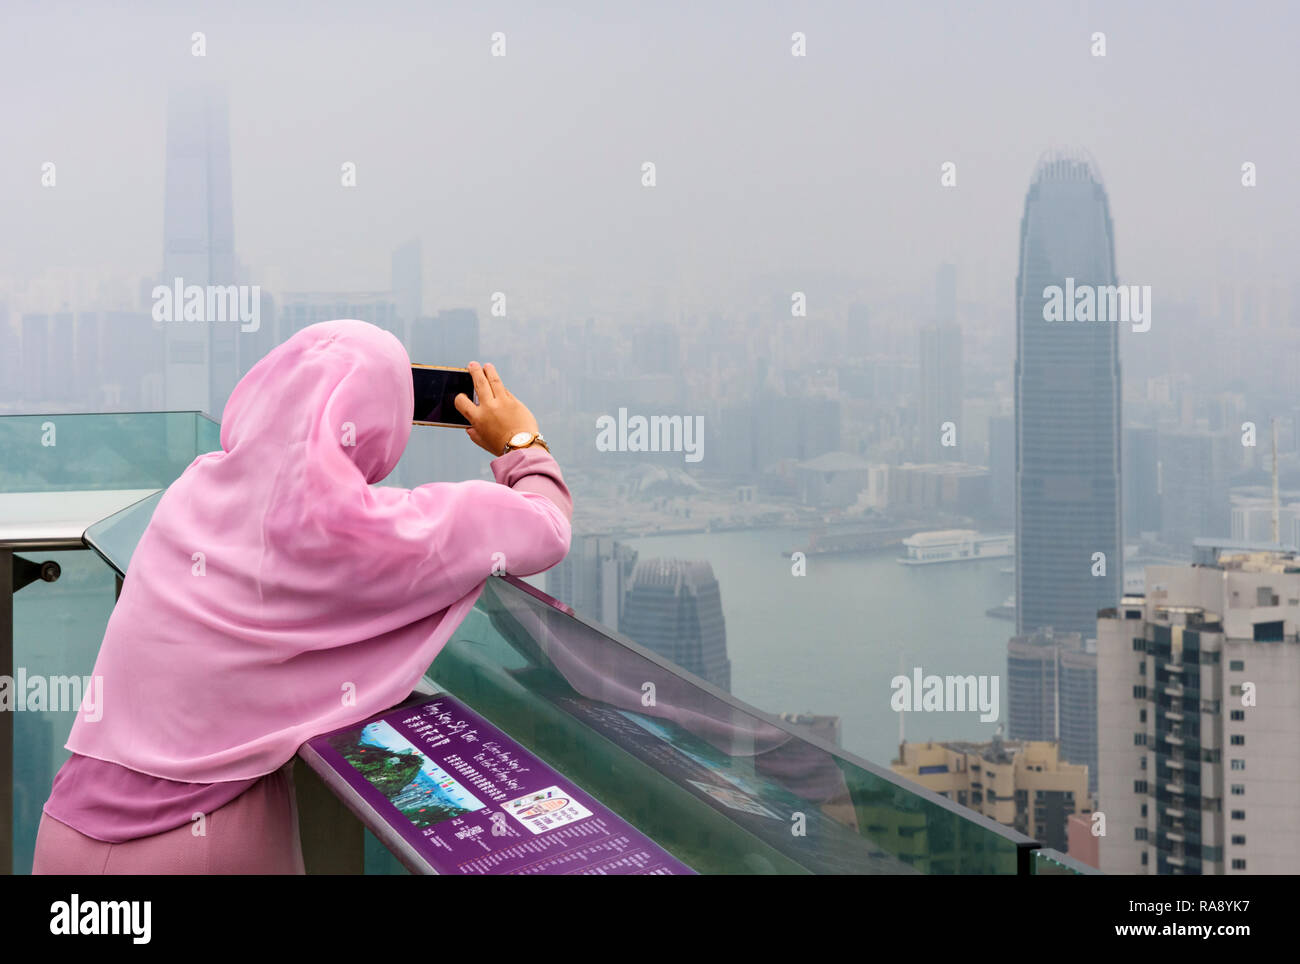 Frau nimmt ein Handy Foto auf dem Deck des Peak Tower Aussichtsplattform durch den Dunst aus der Luftverschmutzung eingeschränkt, Hong Kong Stockbild